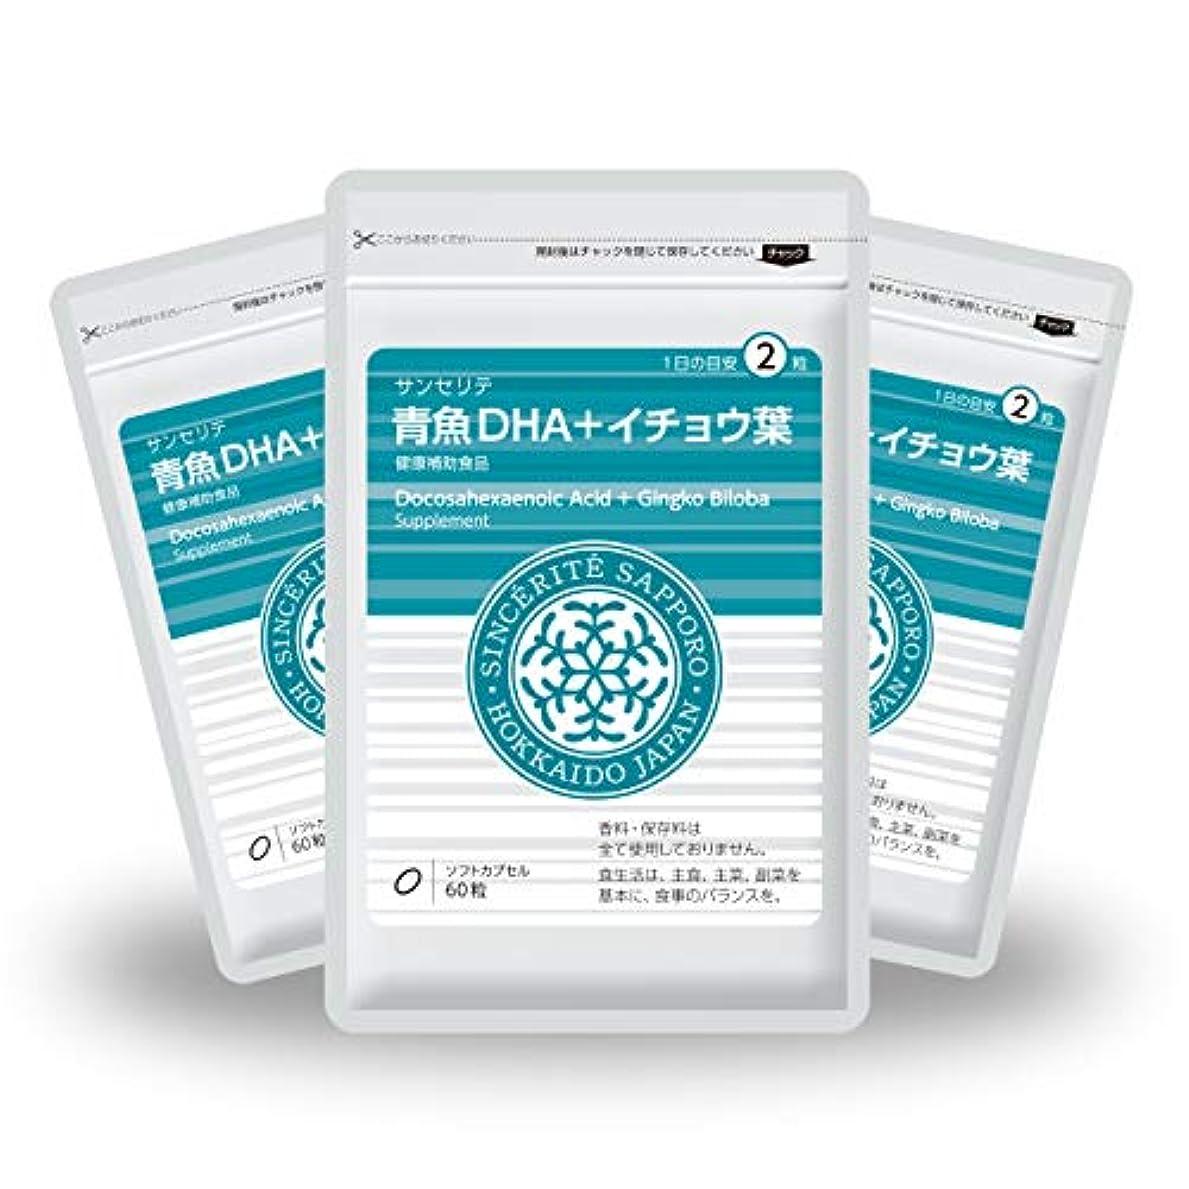 印象的なシードキャッチ青魚DHA+イチョウ葉 3袋セット[送料無料][DHA]101mg配合[国内製造]お得な90日分